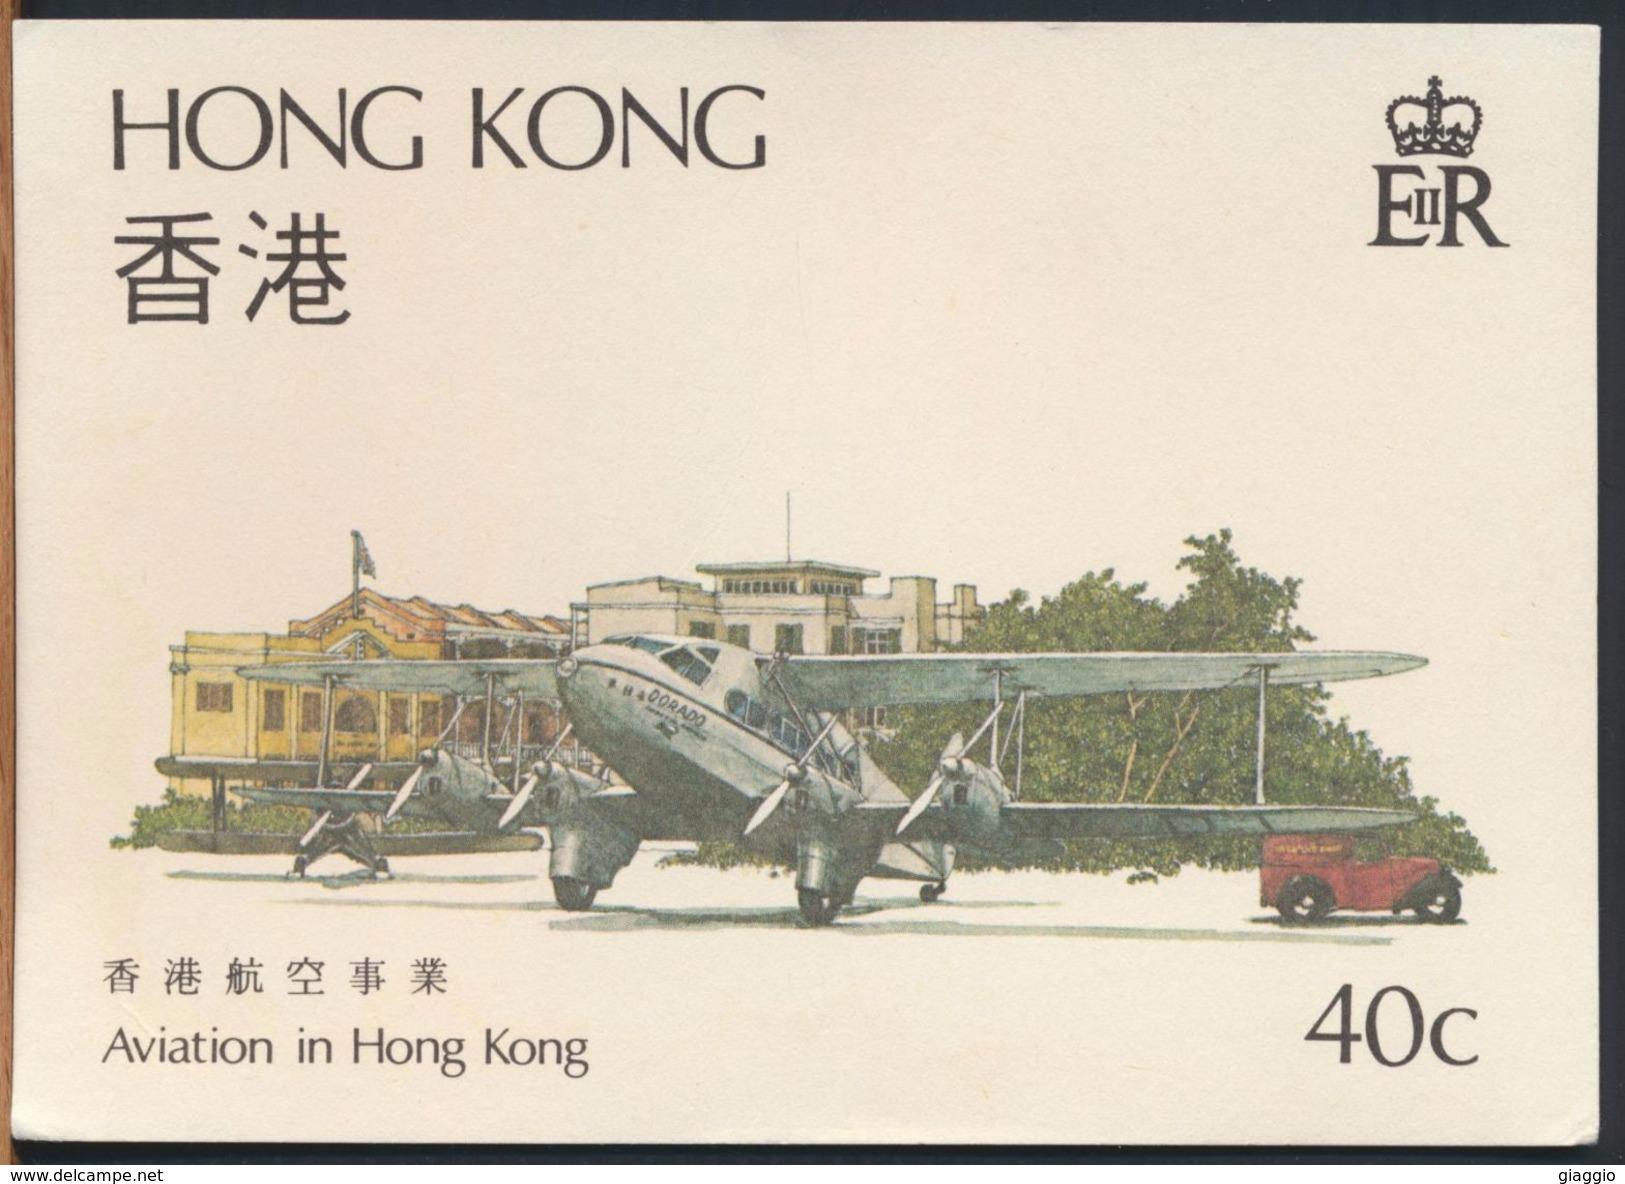 °°° 9622 - AVIATION IN HONG KONG °°° - Cina (Hong Kong)